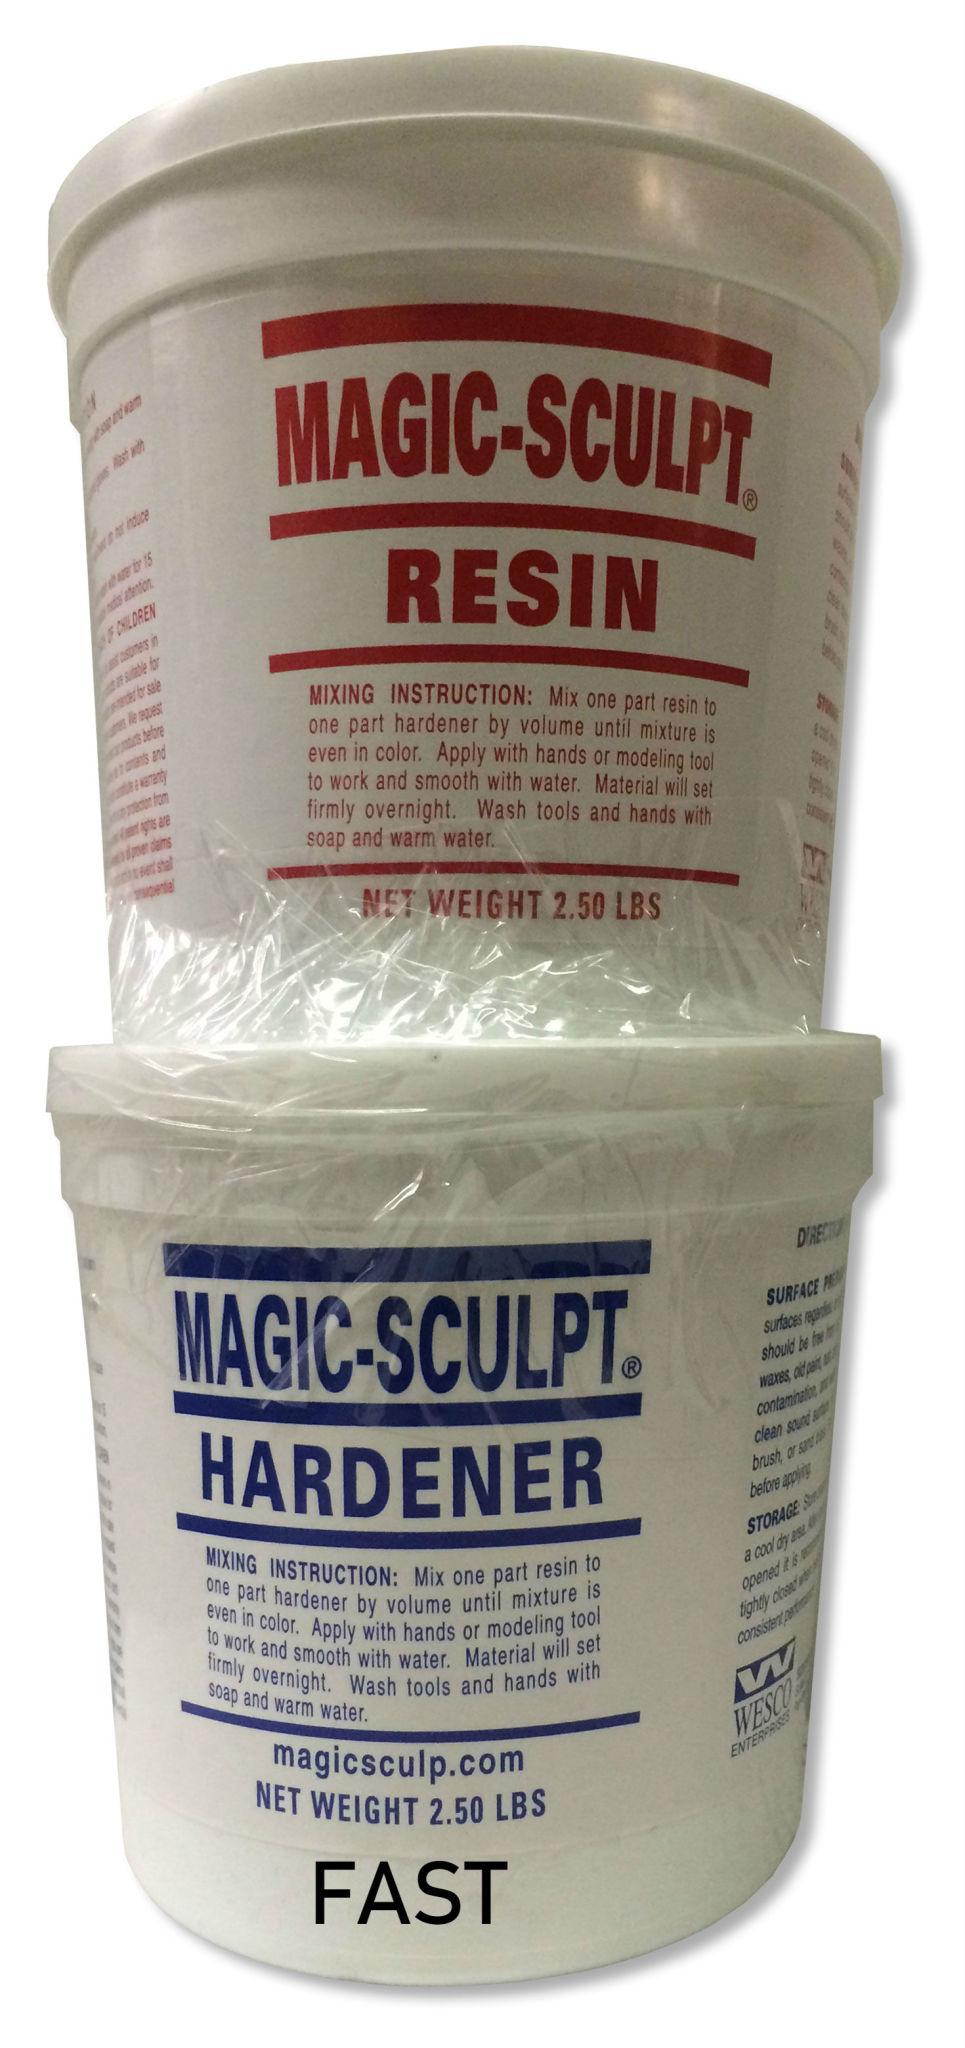 Magic-Sculpt Magic-Sculpt Fast